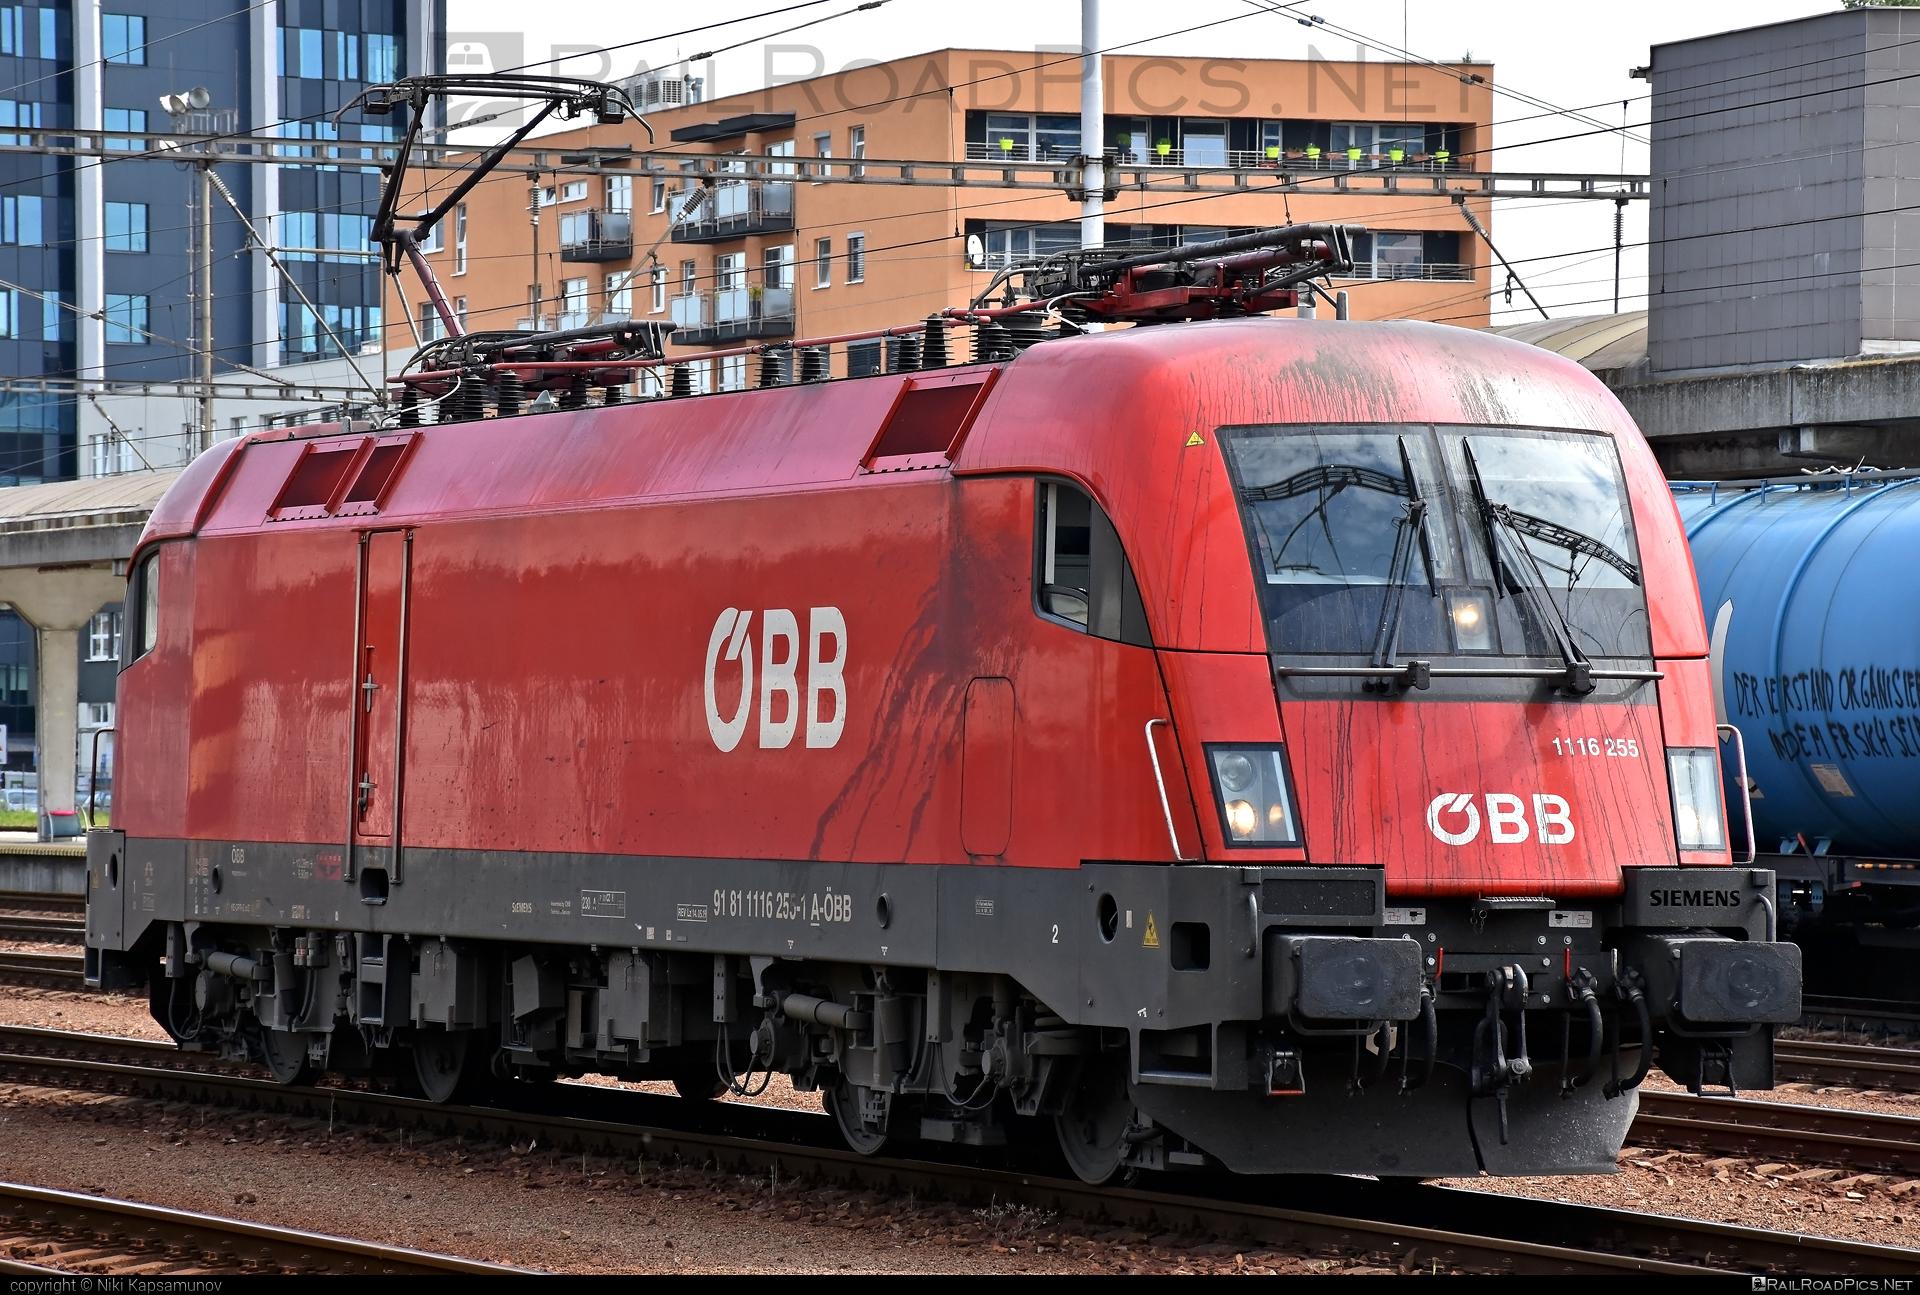 Siemens ES 64 U2 - 1116 255 operated by Rail Cargo Austria AG #es64 #es64u #es64u2 #eurosprinter #obb #osterreichischebundesbahnen #siemens #siemenses64 #siemenses64u #siemenses64u2 #siemenstaurus #taurus #tauruslocomotive